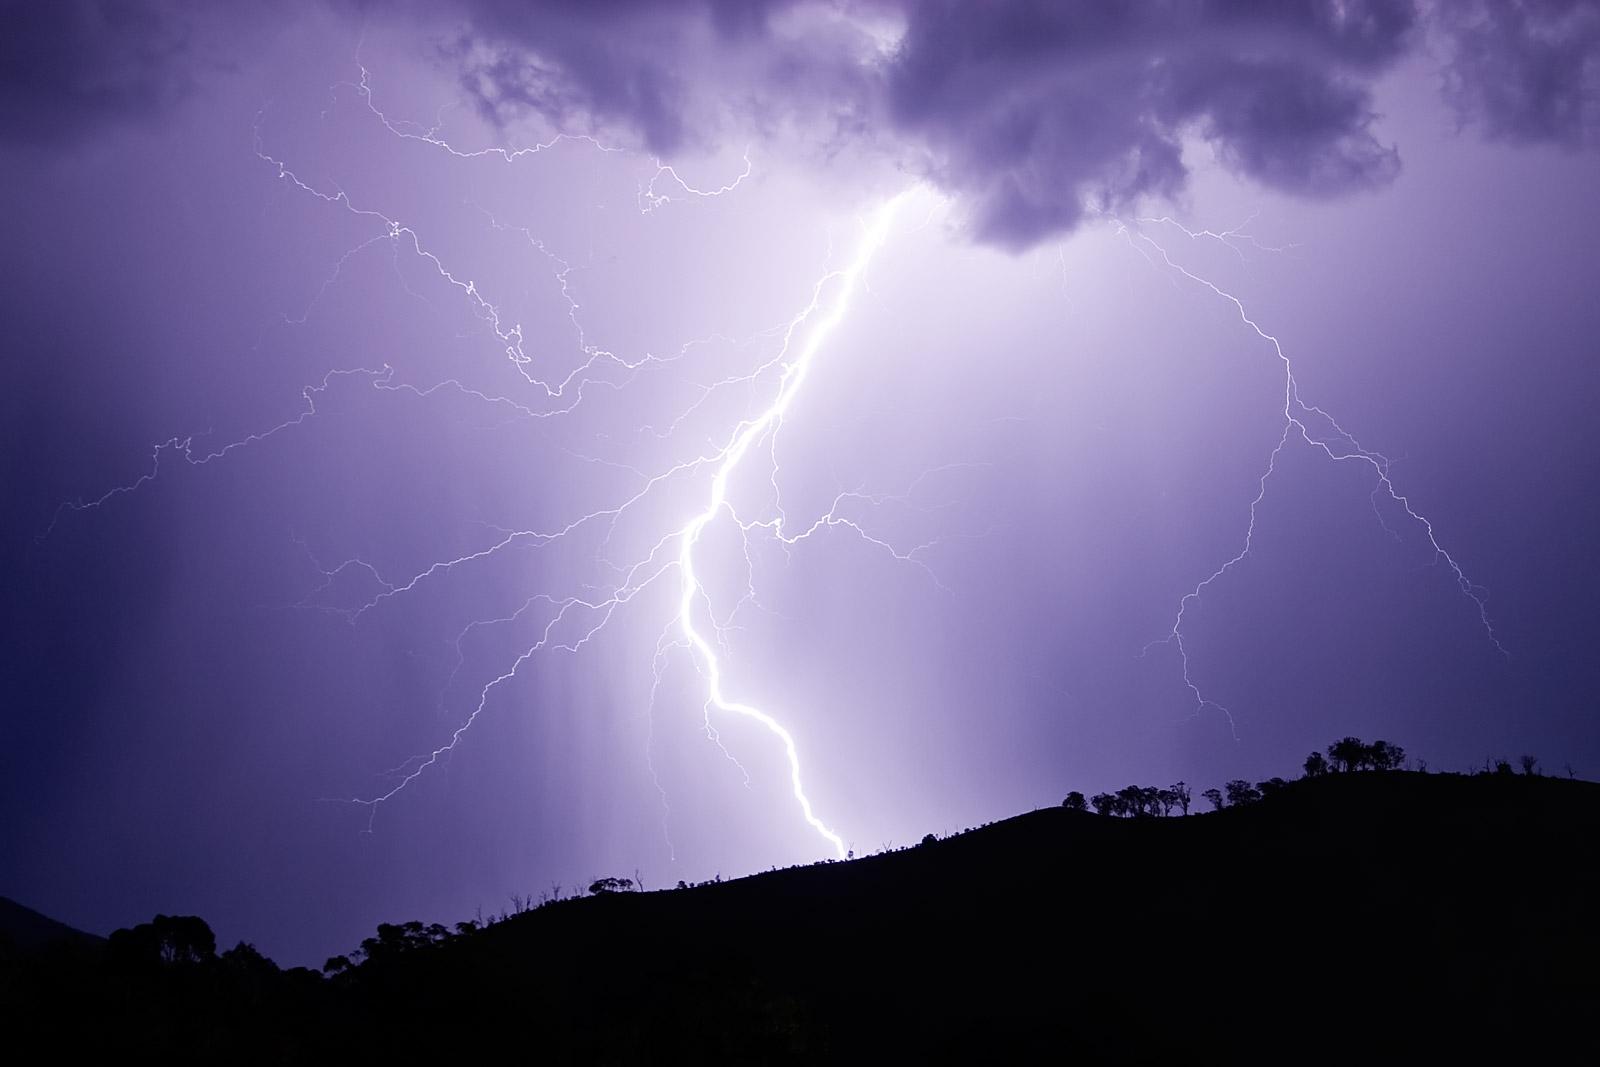 http://3.bp.blogspot.com/-AbKSDK4Pzqk/Tzrx3eMwBwI/AAAAAAAAGWE/2xwb15f-hPU/s1600/lightning-thunder-on-a+hill.jpg